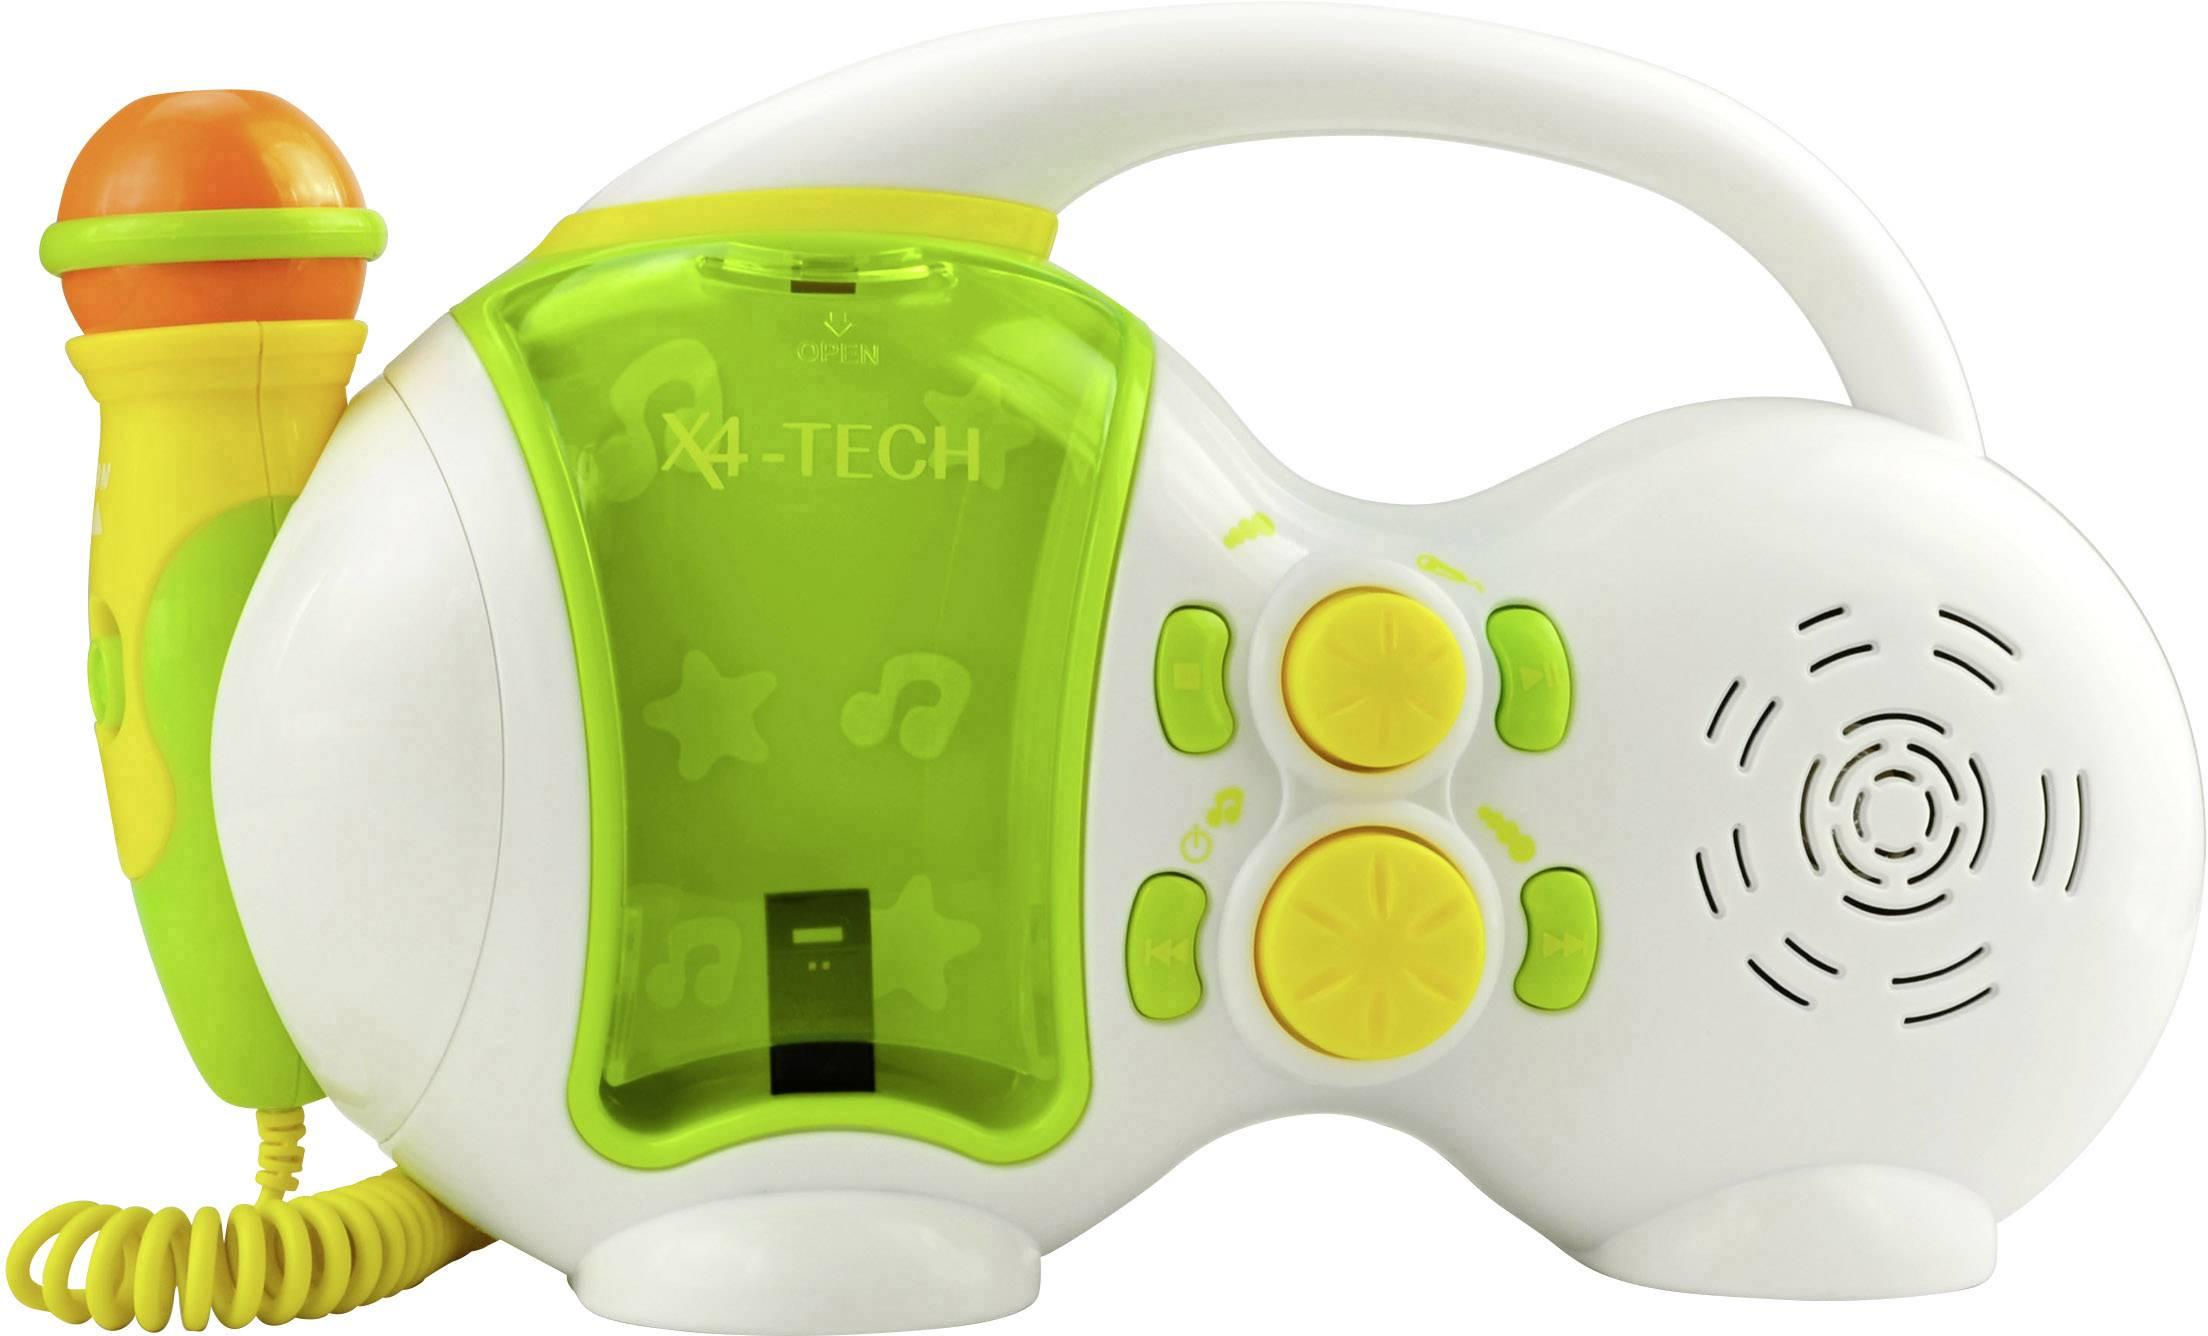 Karaoke vybavení X4 Tech Bobby Joey USB USB vč. karaoke, včetně mikrofonu, bílá, zelená